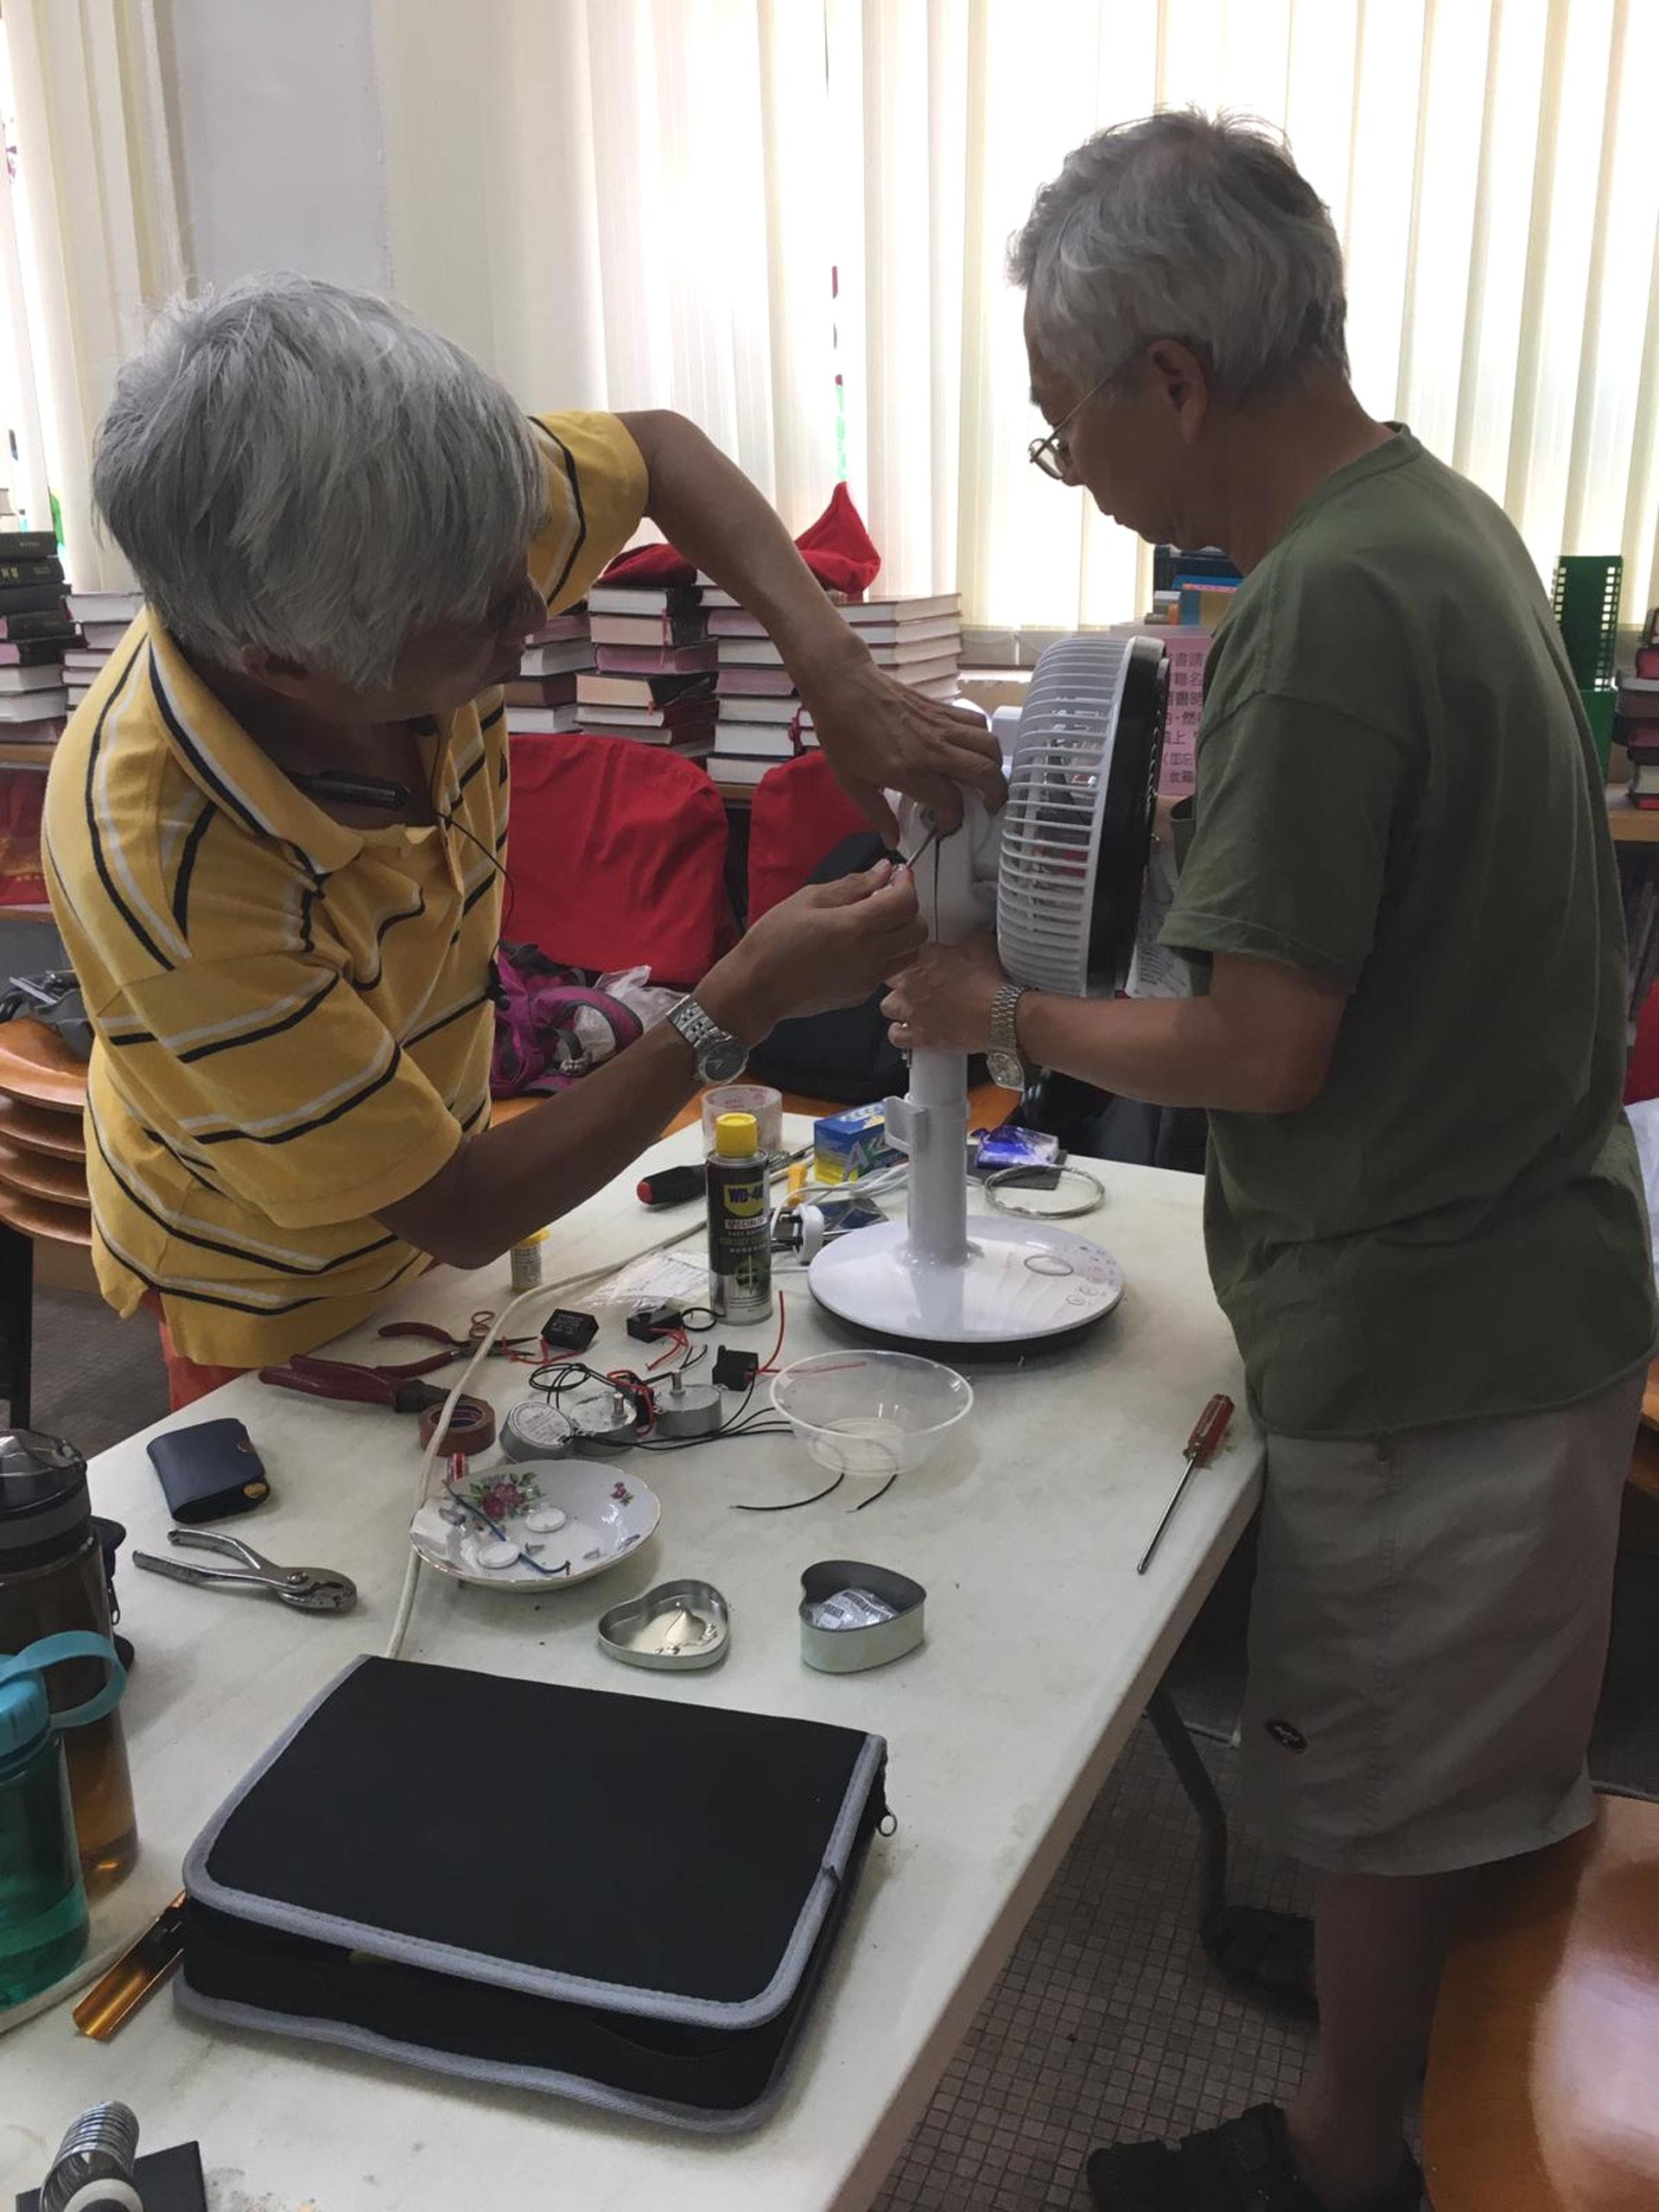 在Mandy眼中,這群退而不休的長者充滿活力和善心,每次服務均埋頭苦幹地檢查和維修,希望能實踐所長,幫助獨居長者、雙老家庭等有需要人士。(相片由「喜動社區」提供)